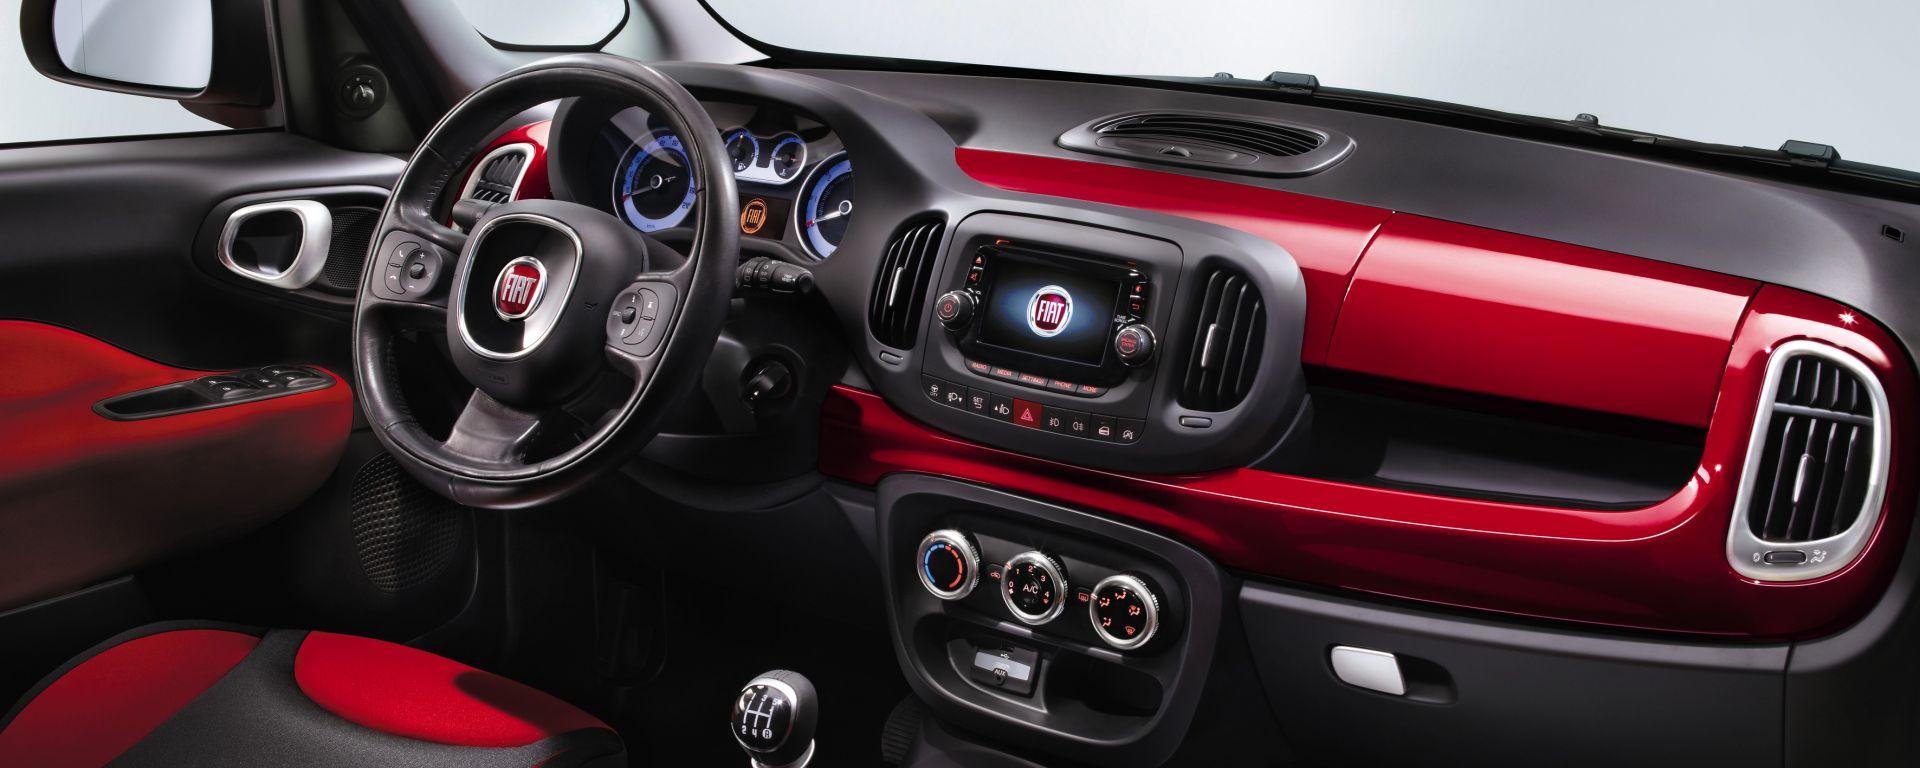 Anteprima Fiat 500l Gli Interni E Un Video Sul Design Motorbox